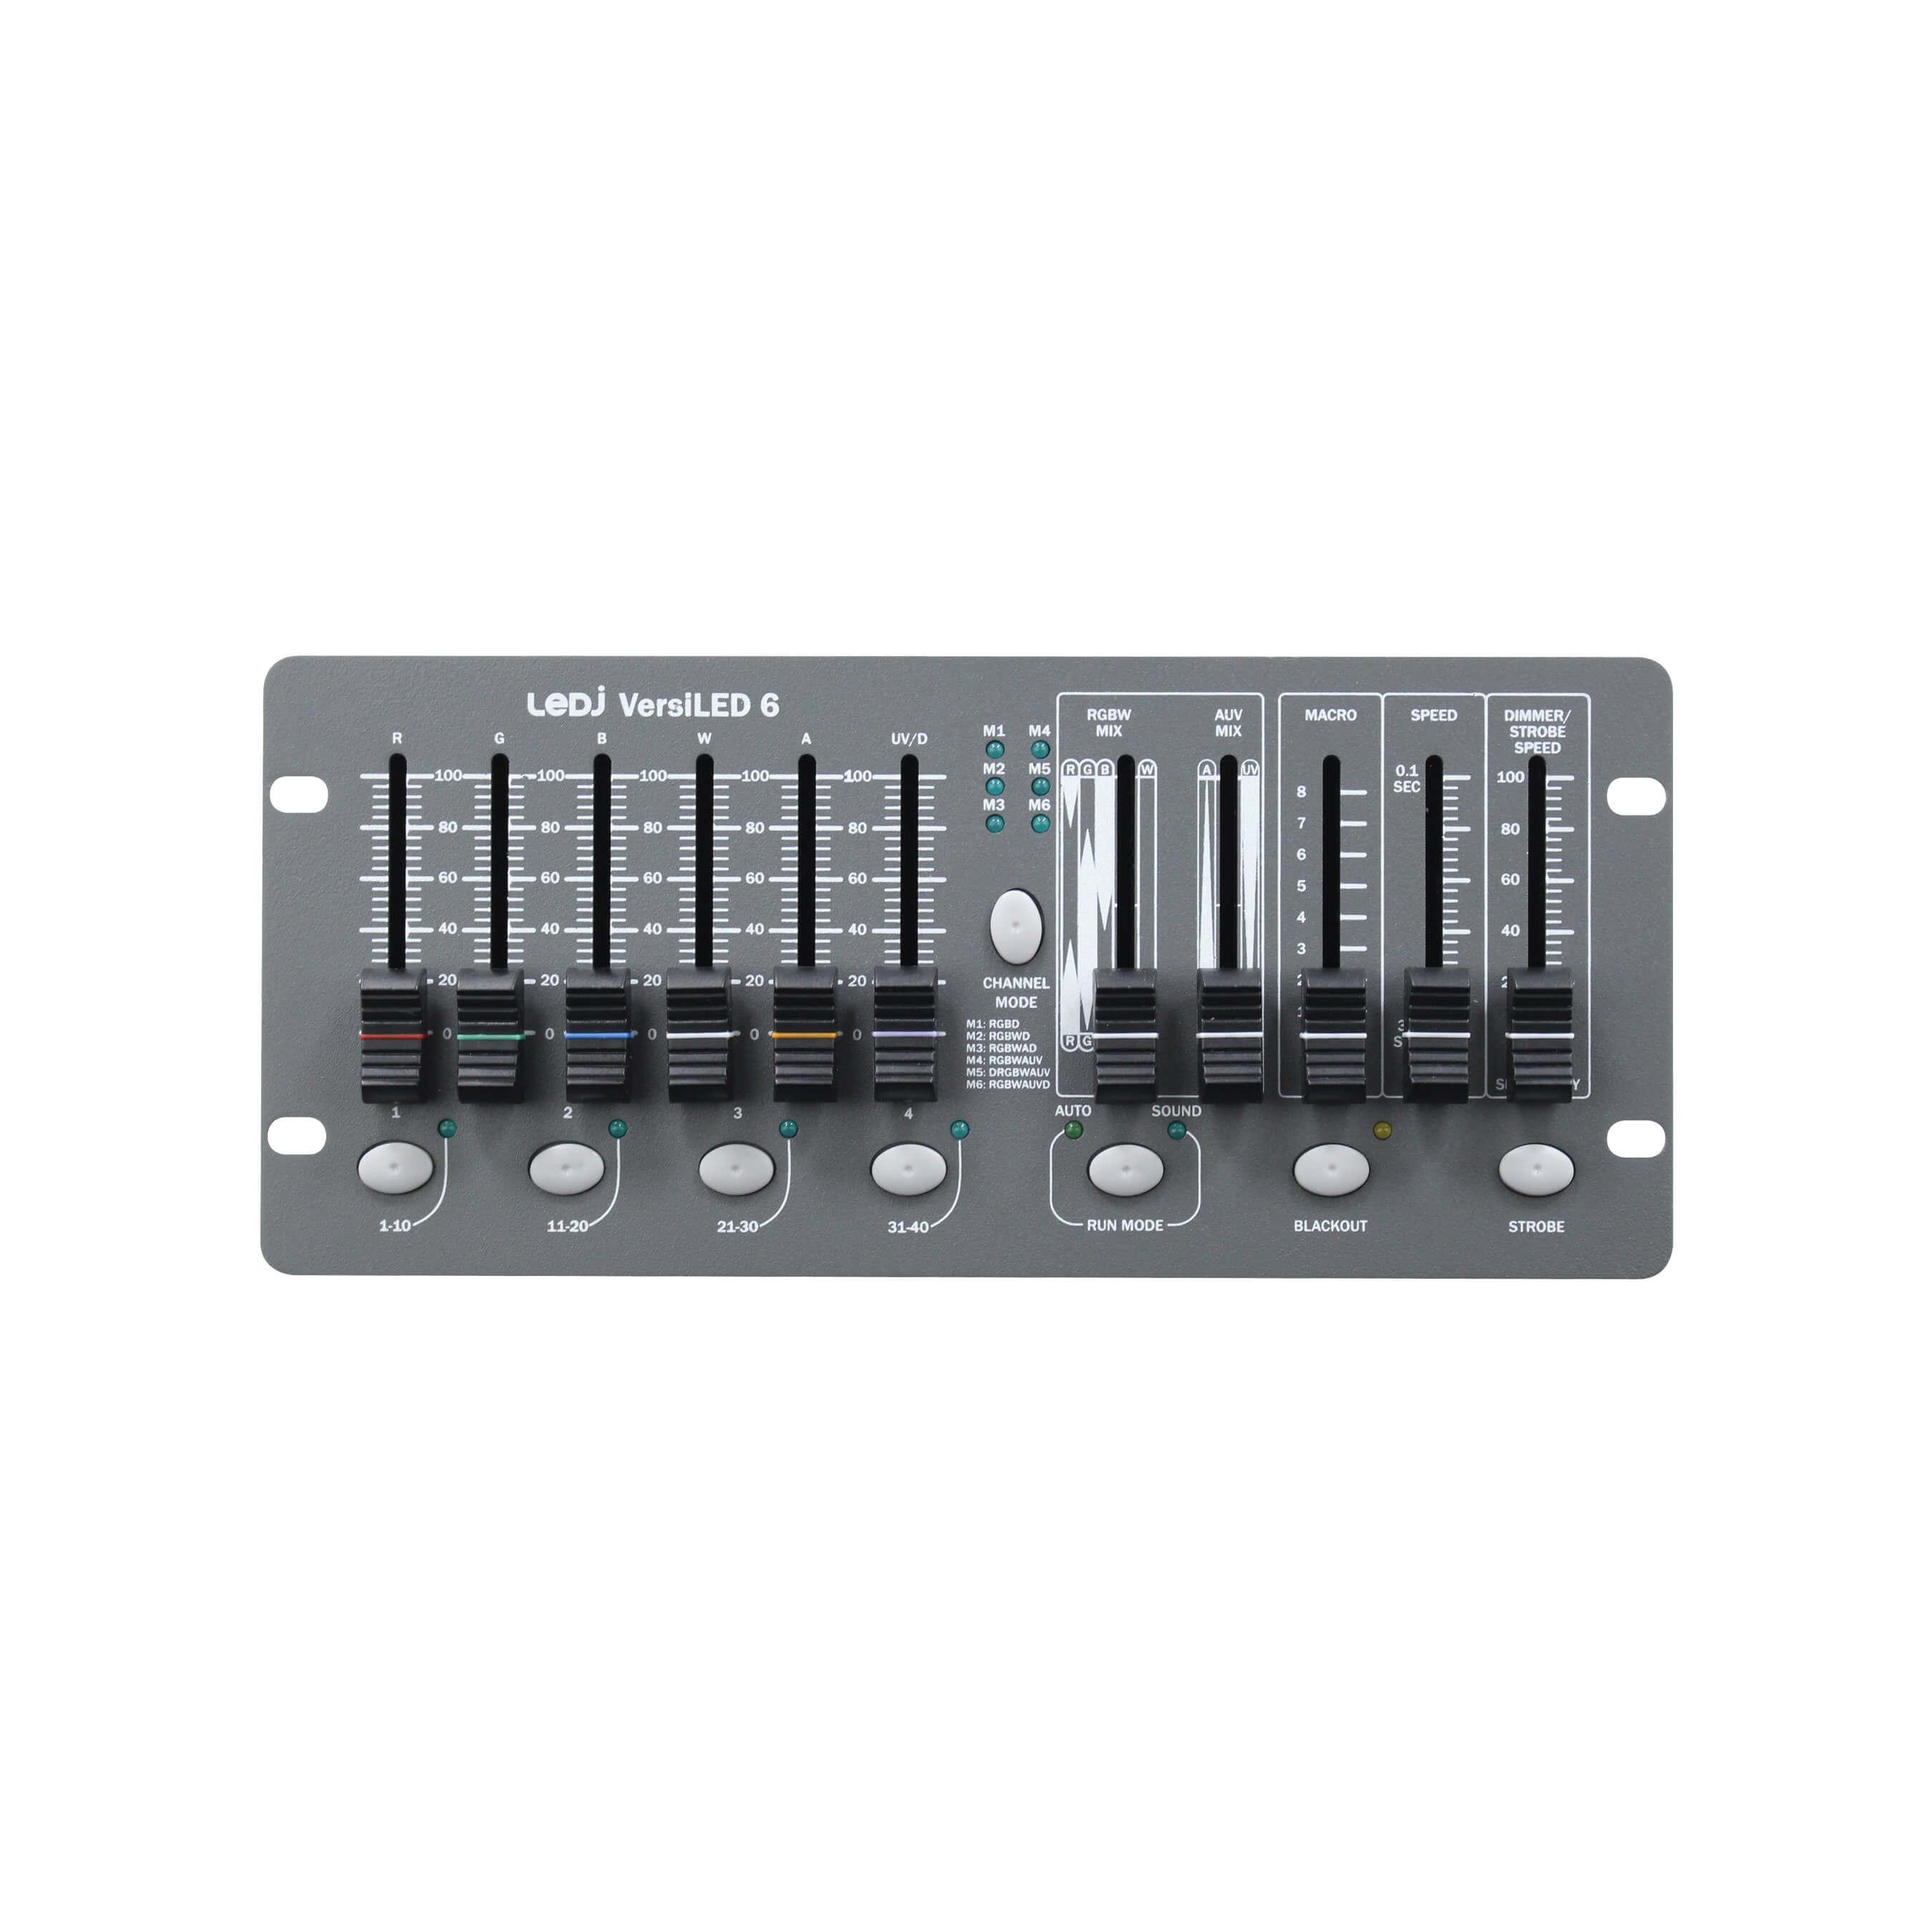 LEDJ VersiLED 6 DMX Controller